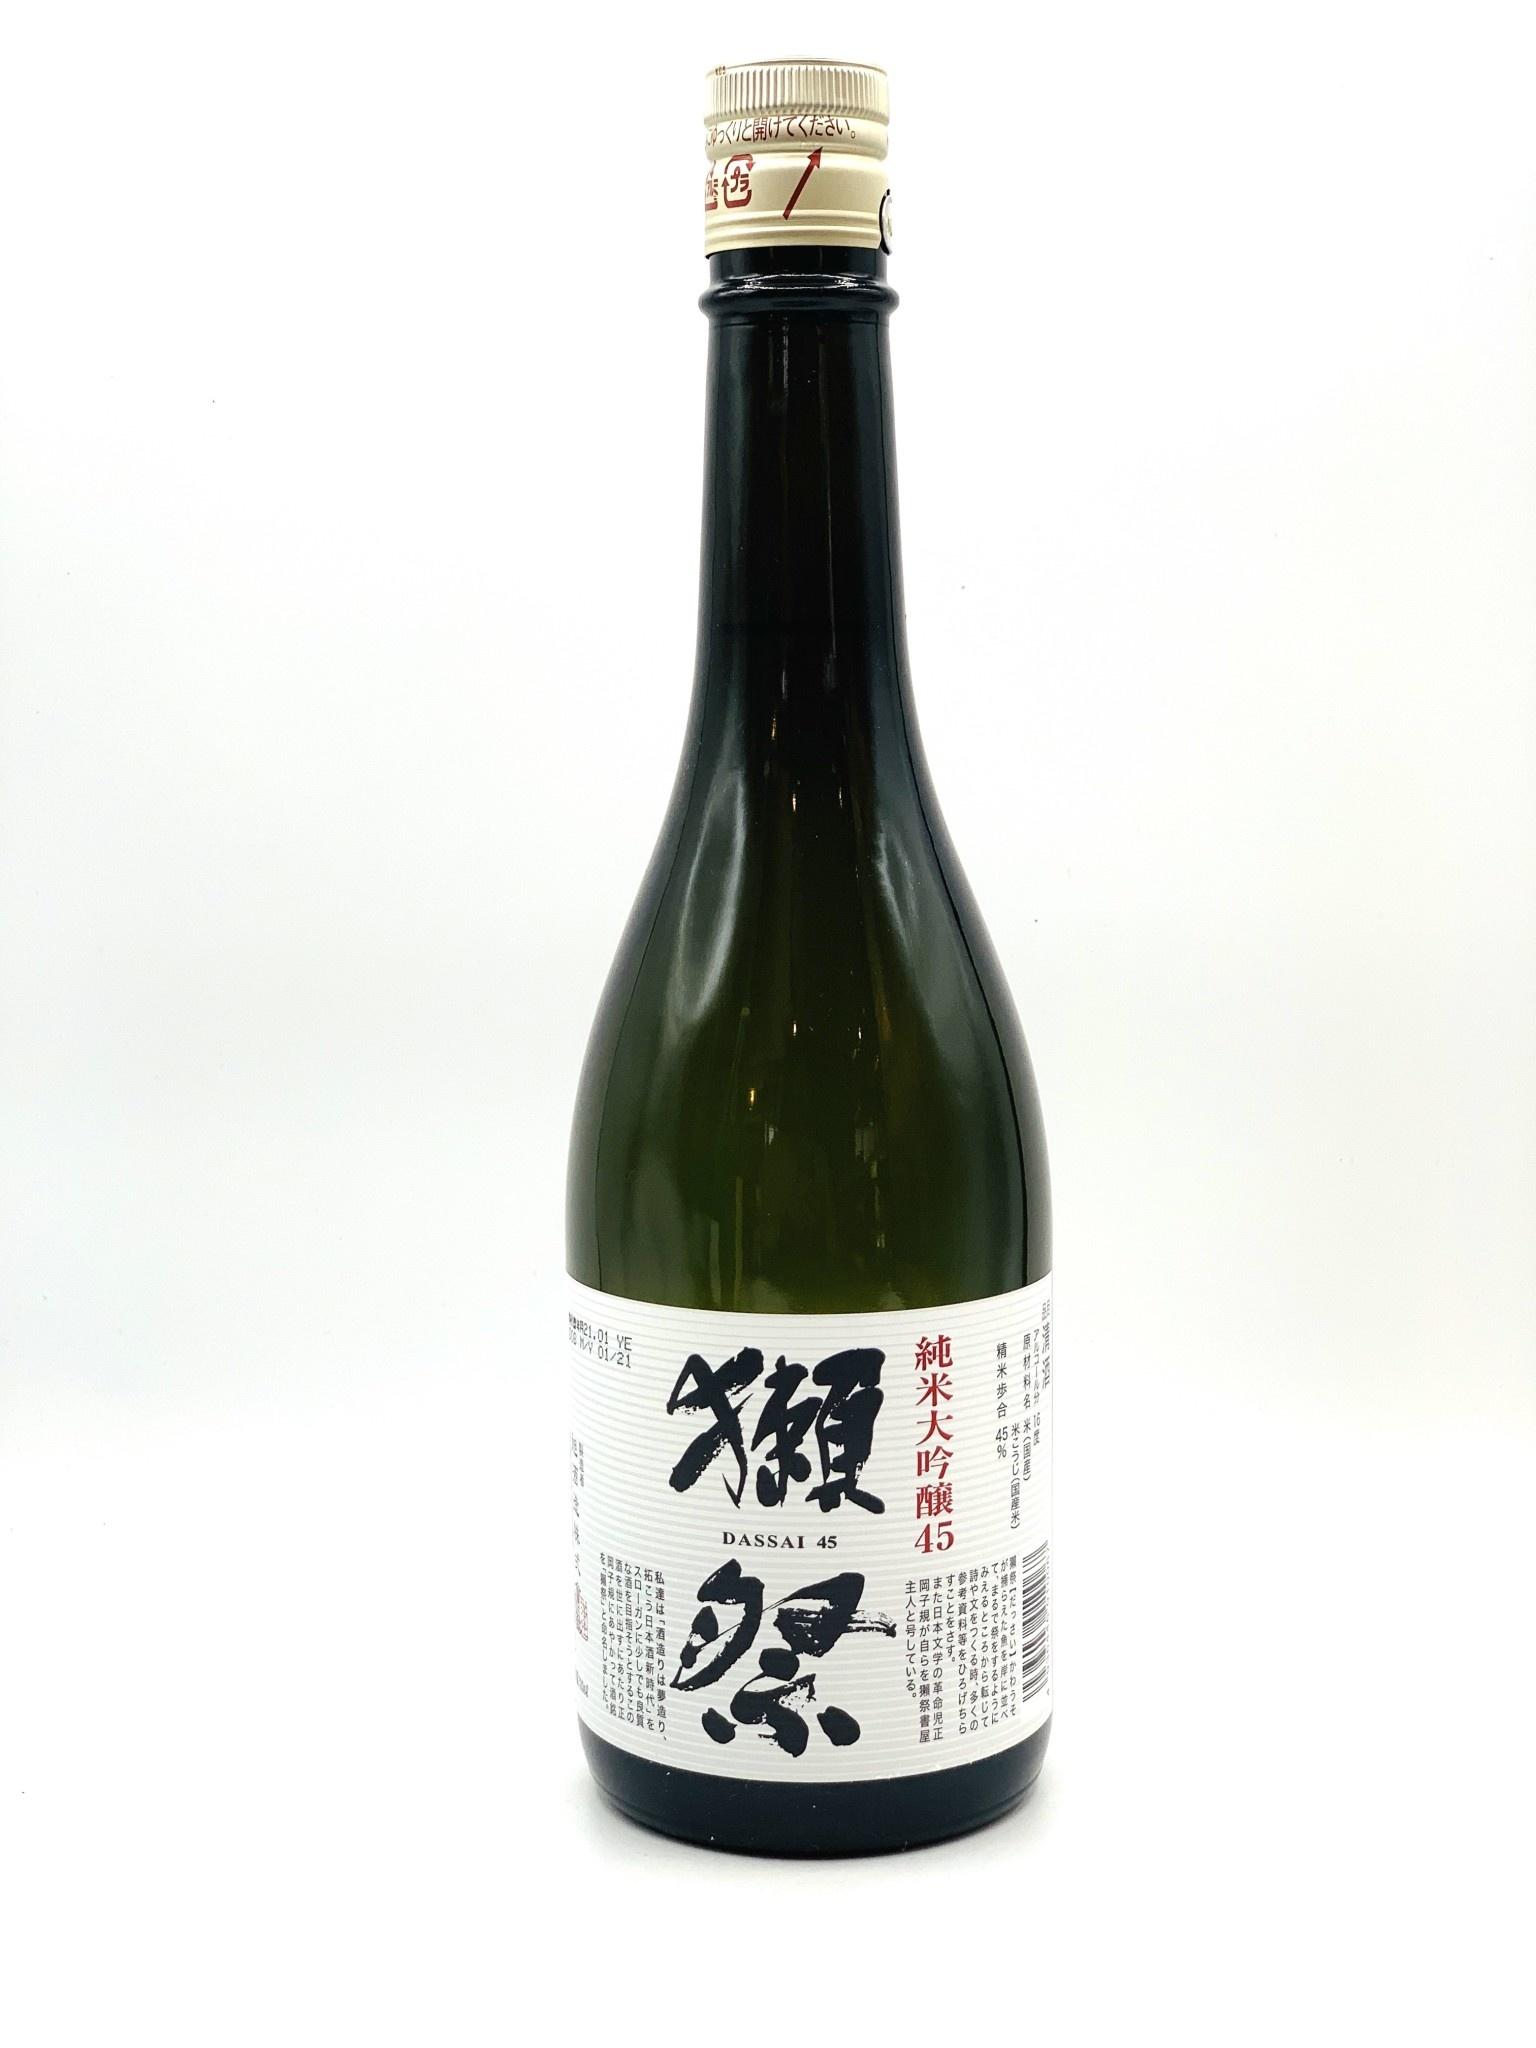 Dassai 45 Junmai Daiginjo Sake 720ml